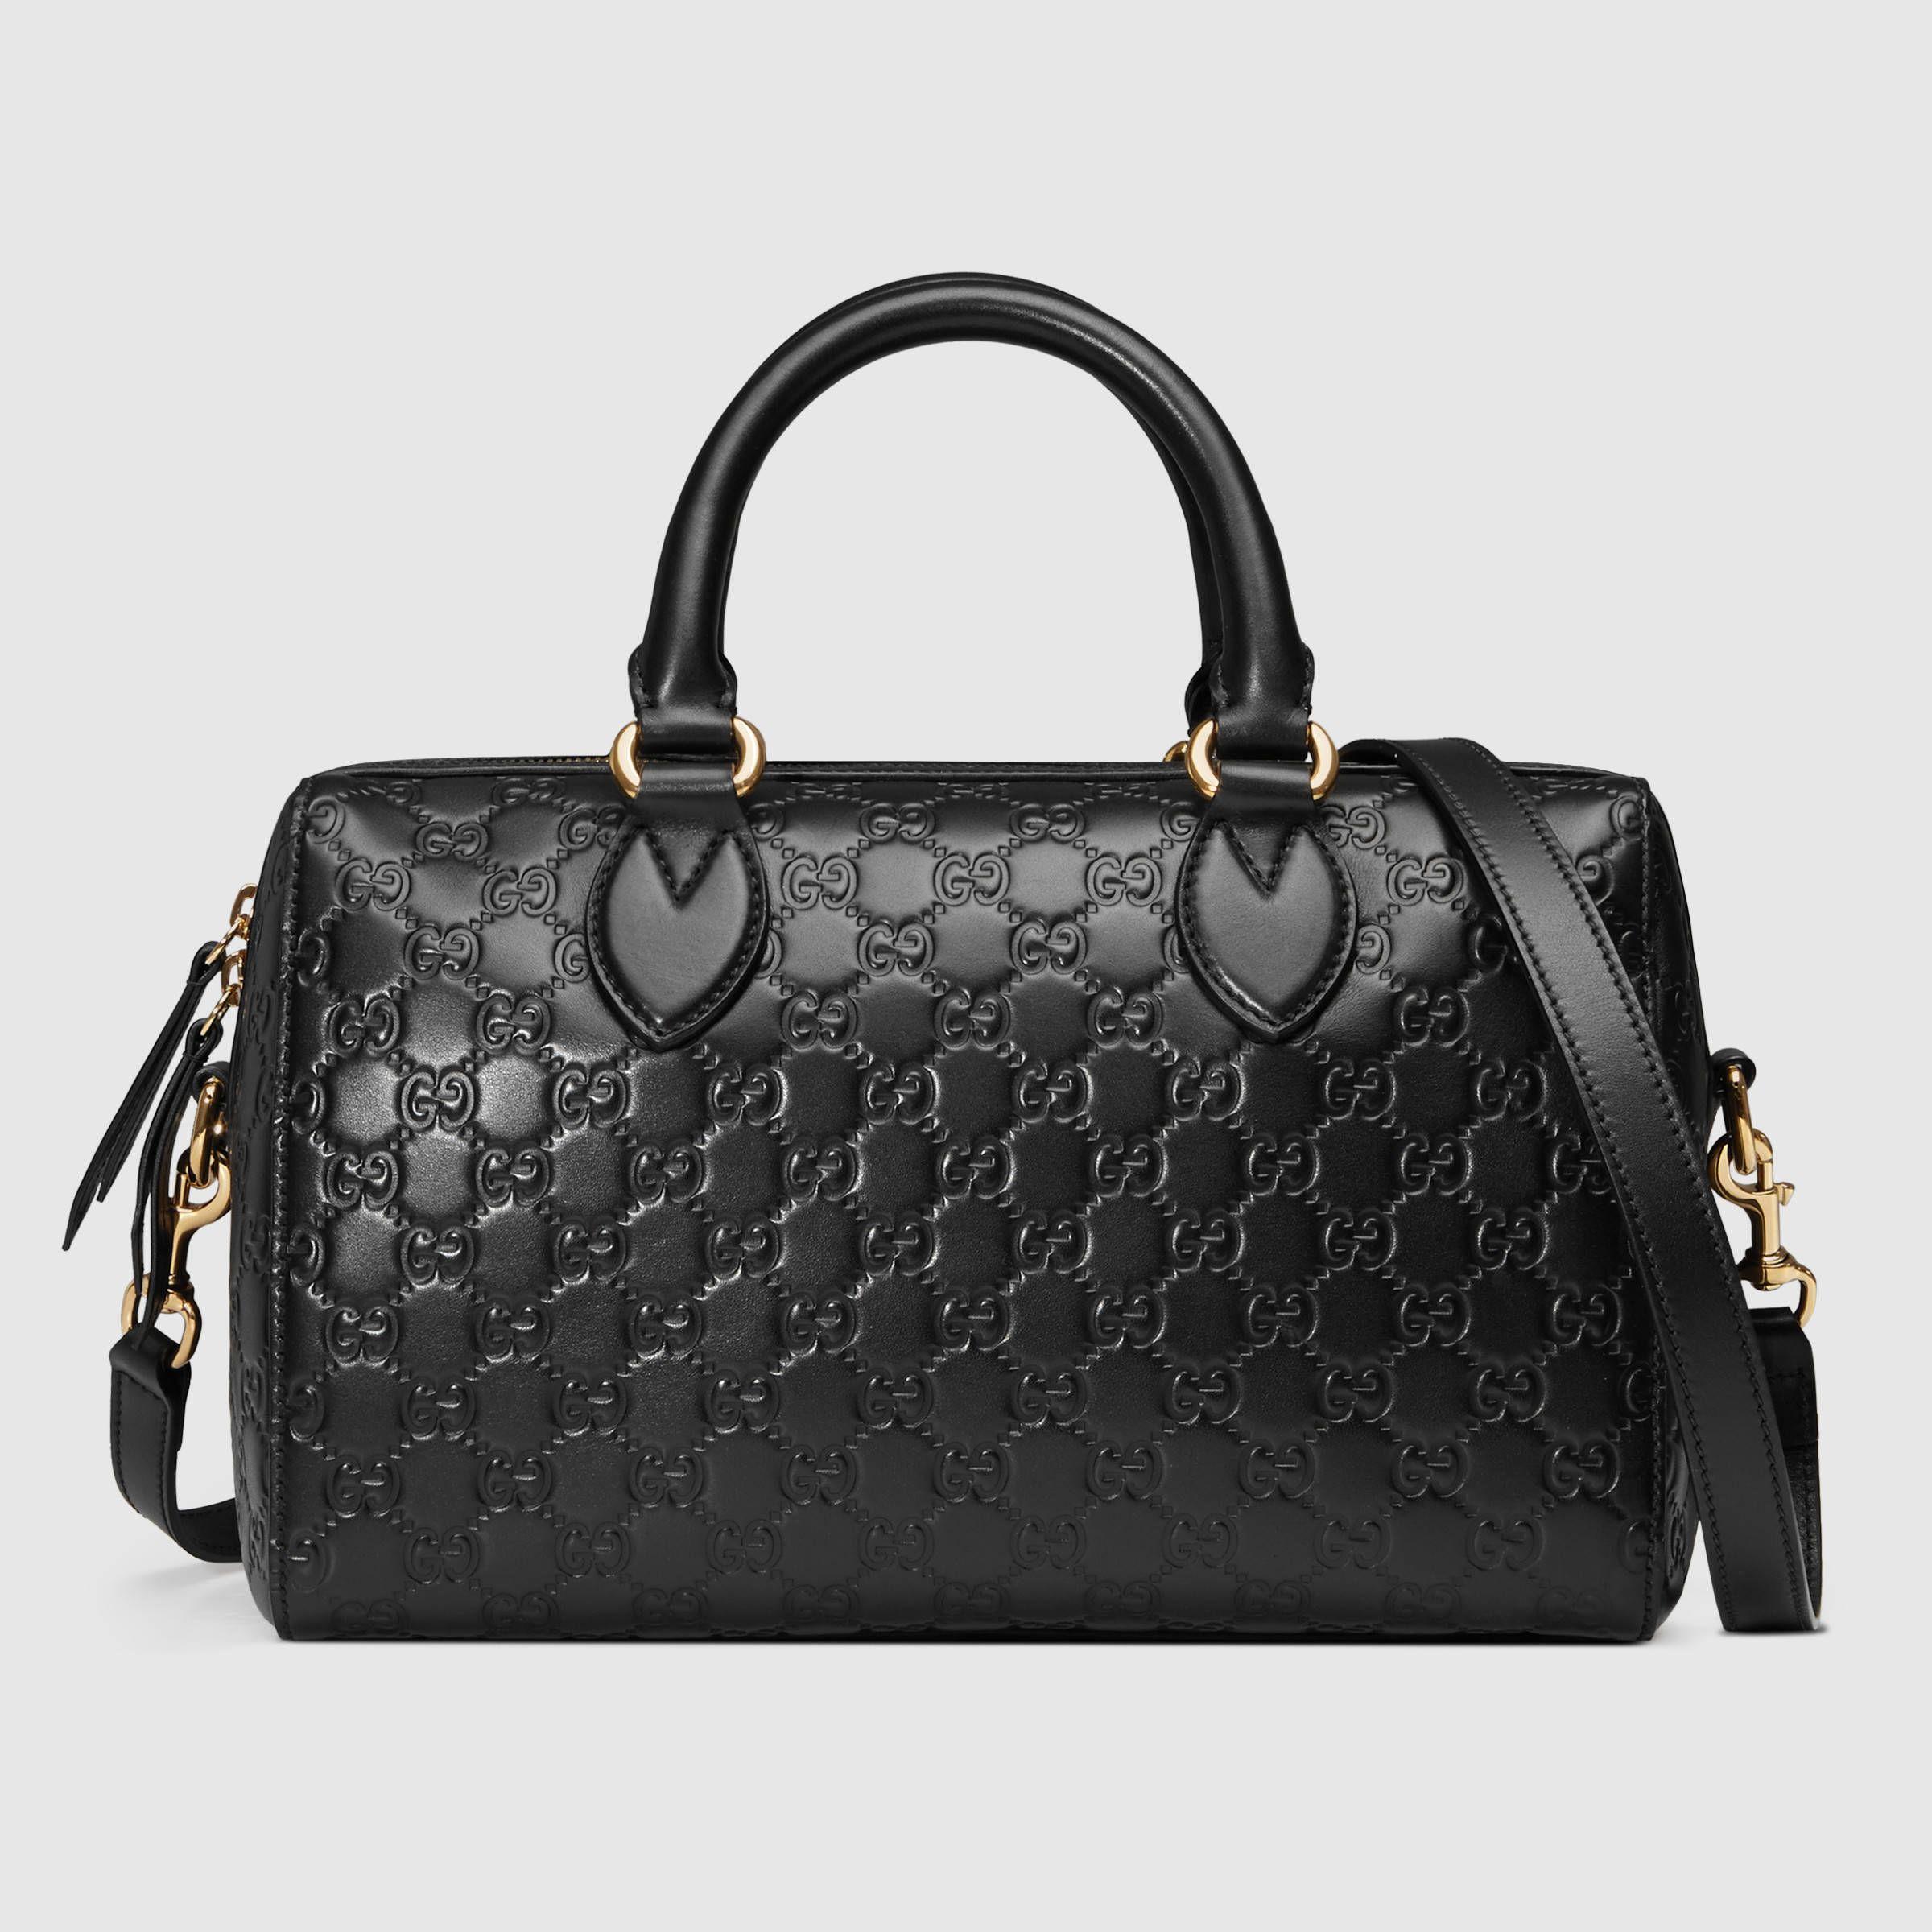 ba6a6853850b Soft Gucci Signature top handle bag - Gucci Women's Top Handles & Boston  Bags 453573DMT1G1000